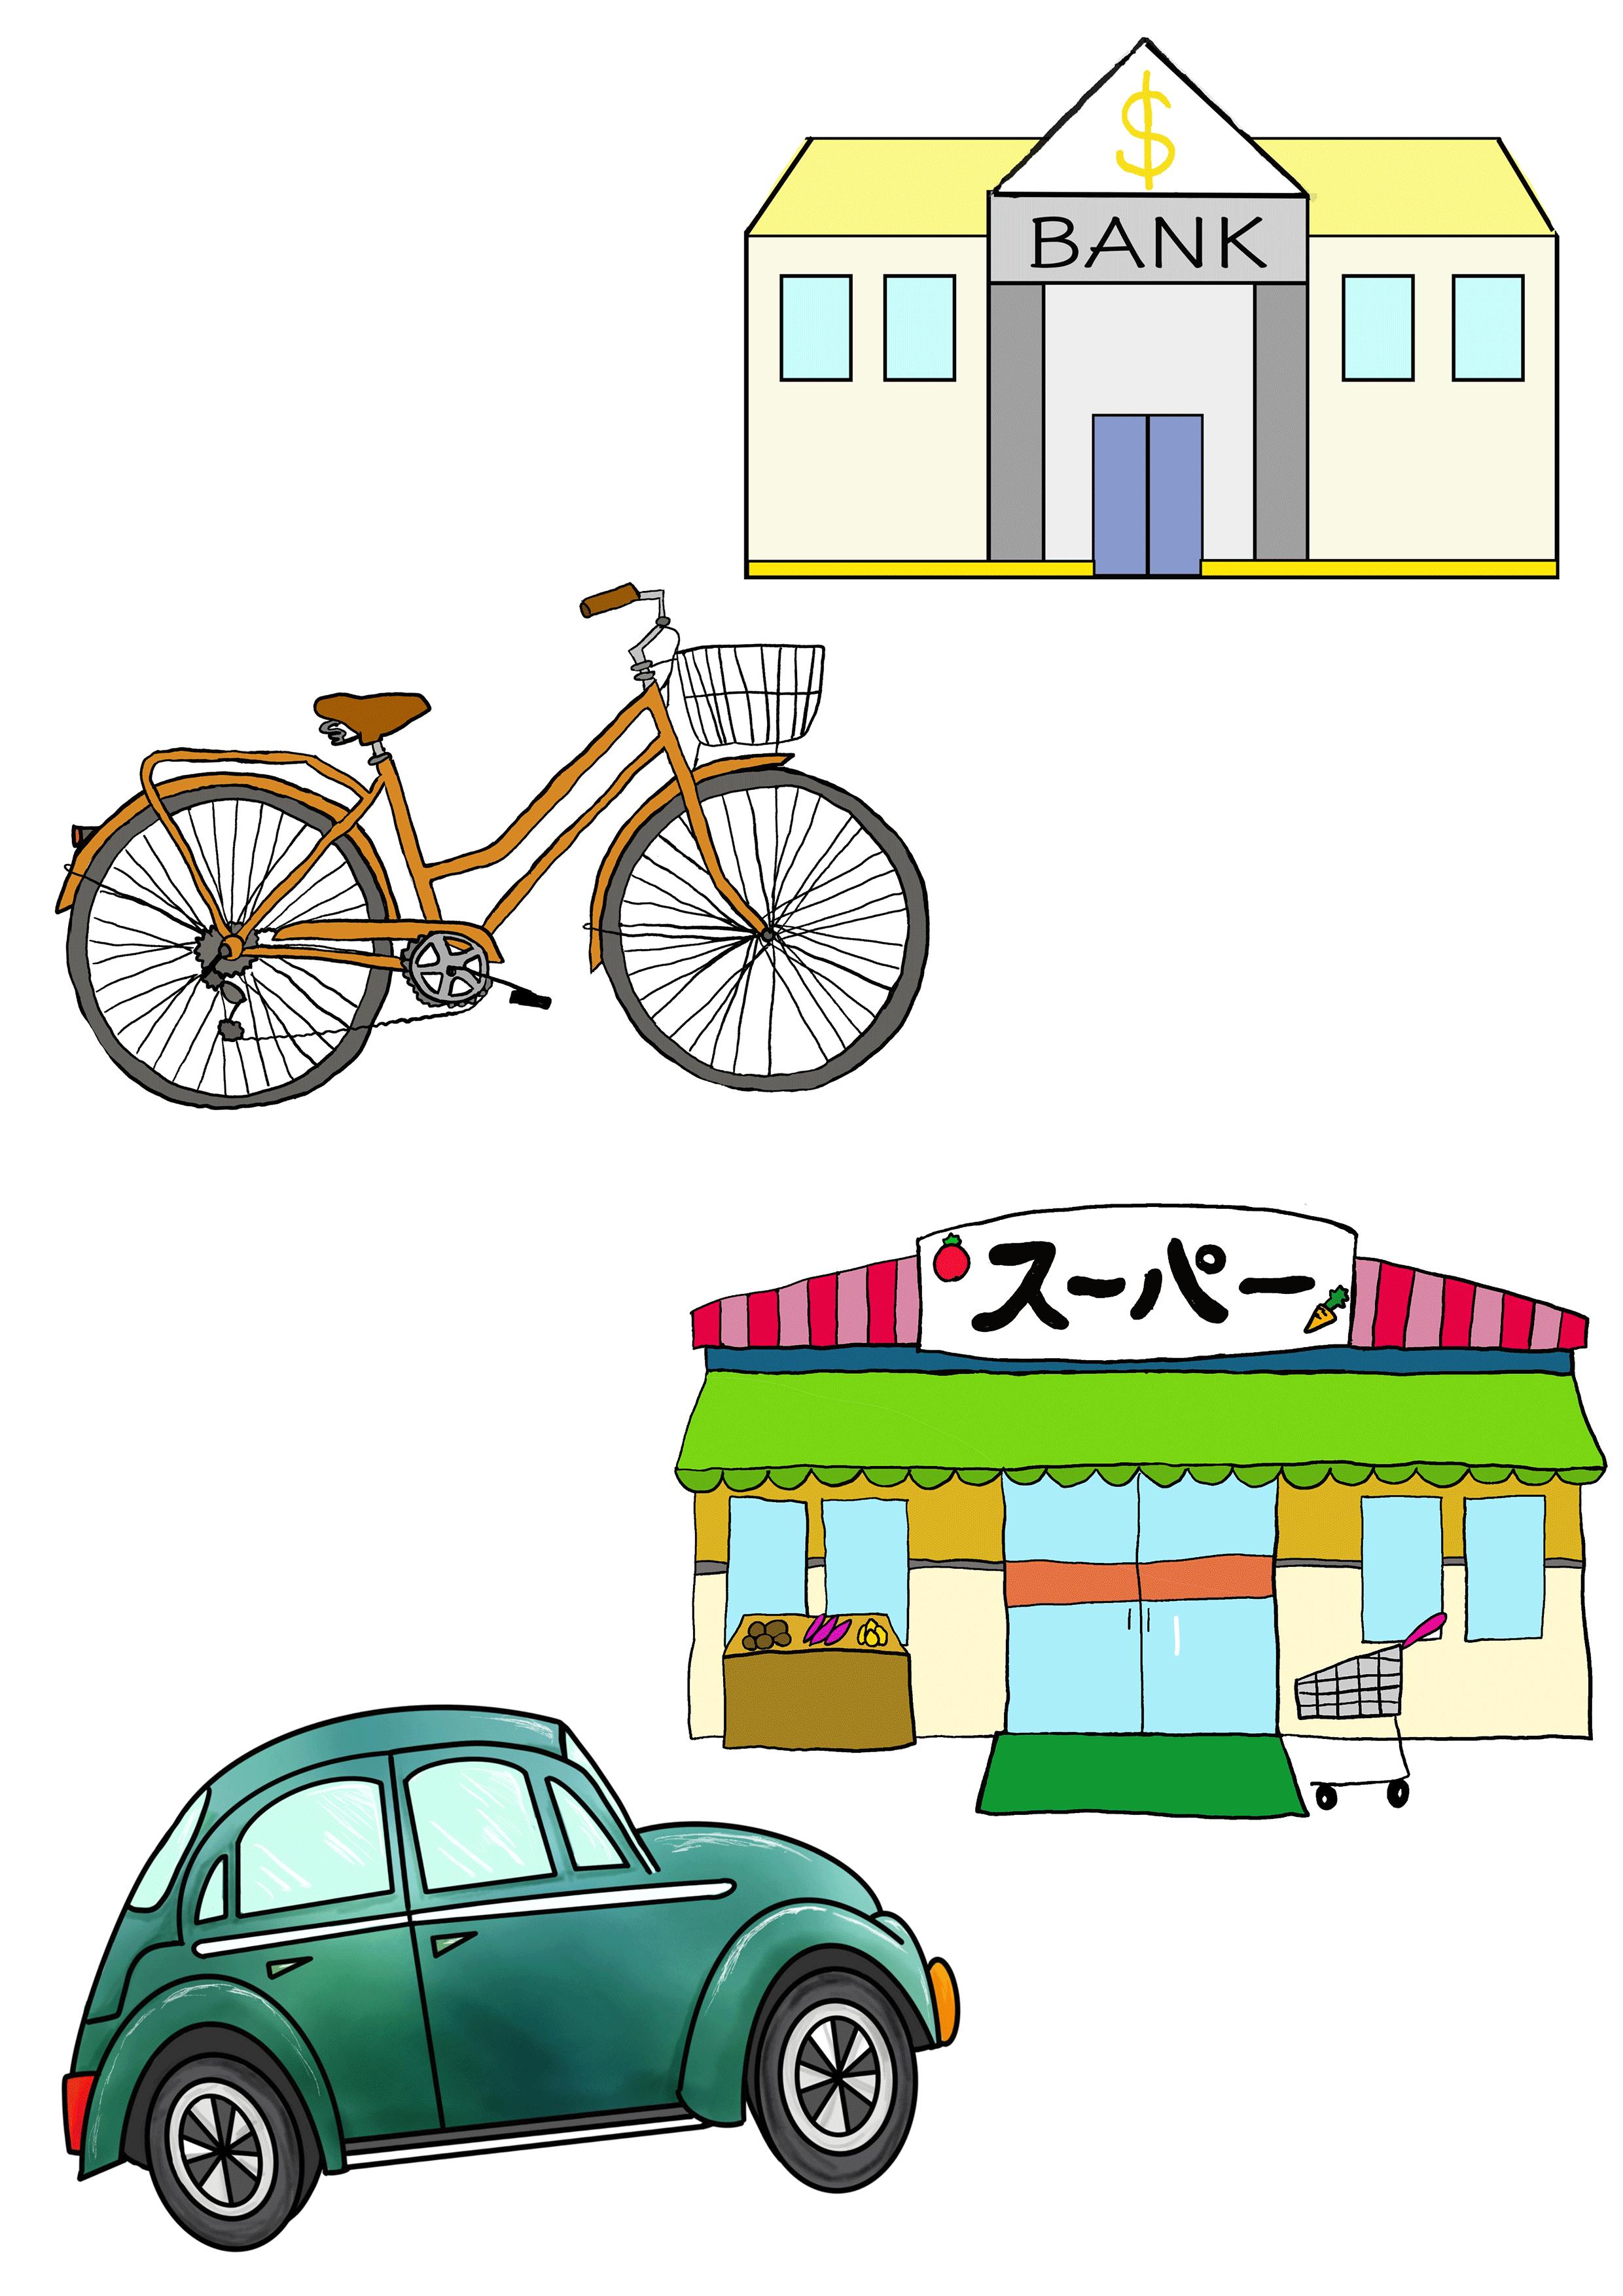 5課イラスト【自転車で銀行/車でスーパー】